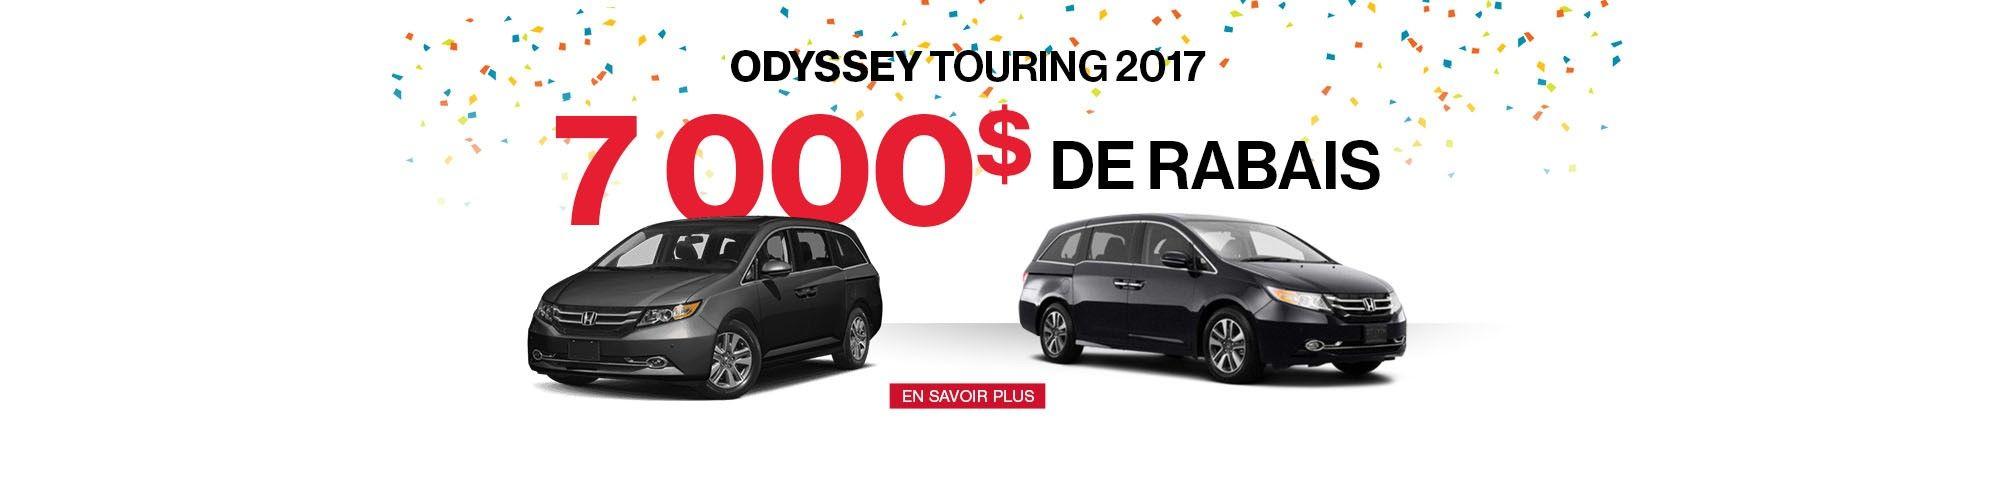 Honda Odyssey 2017 promotion